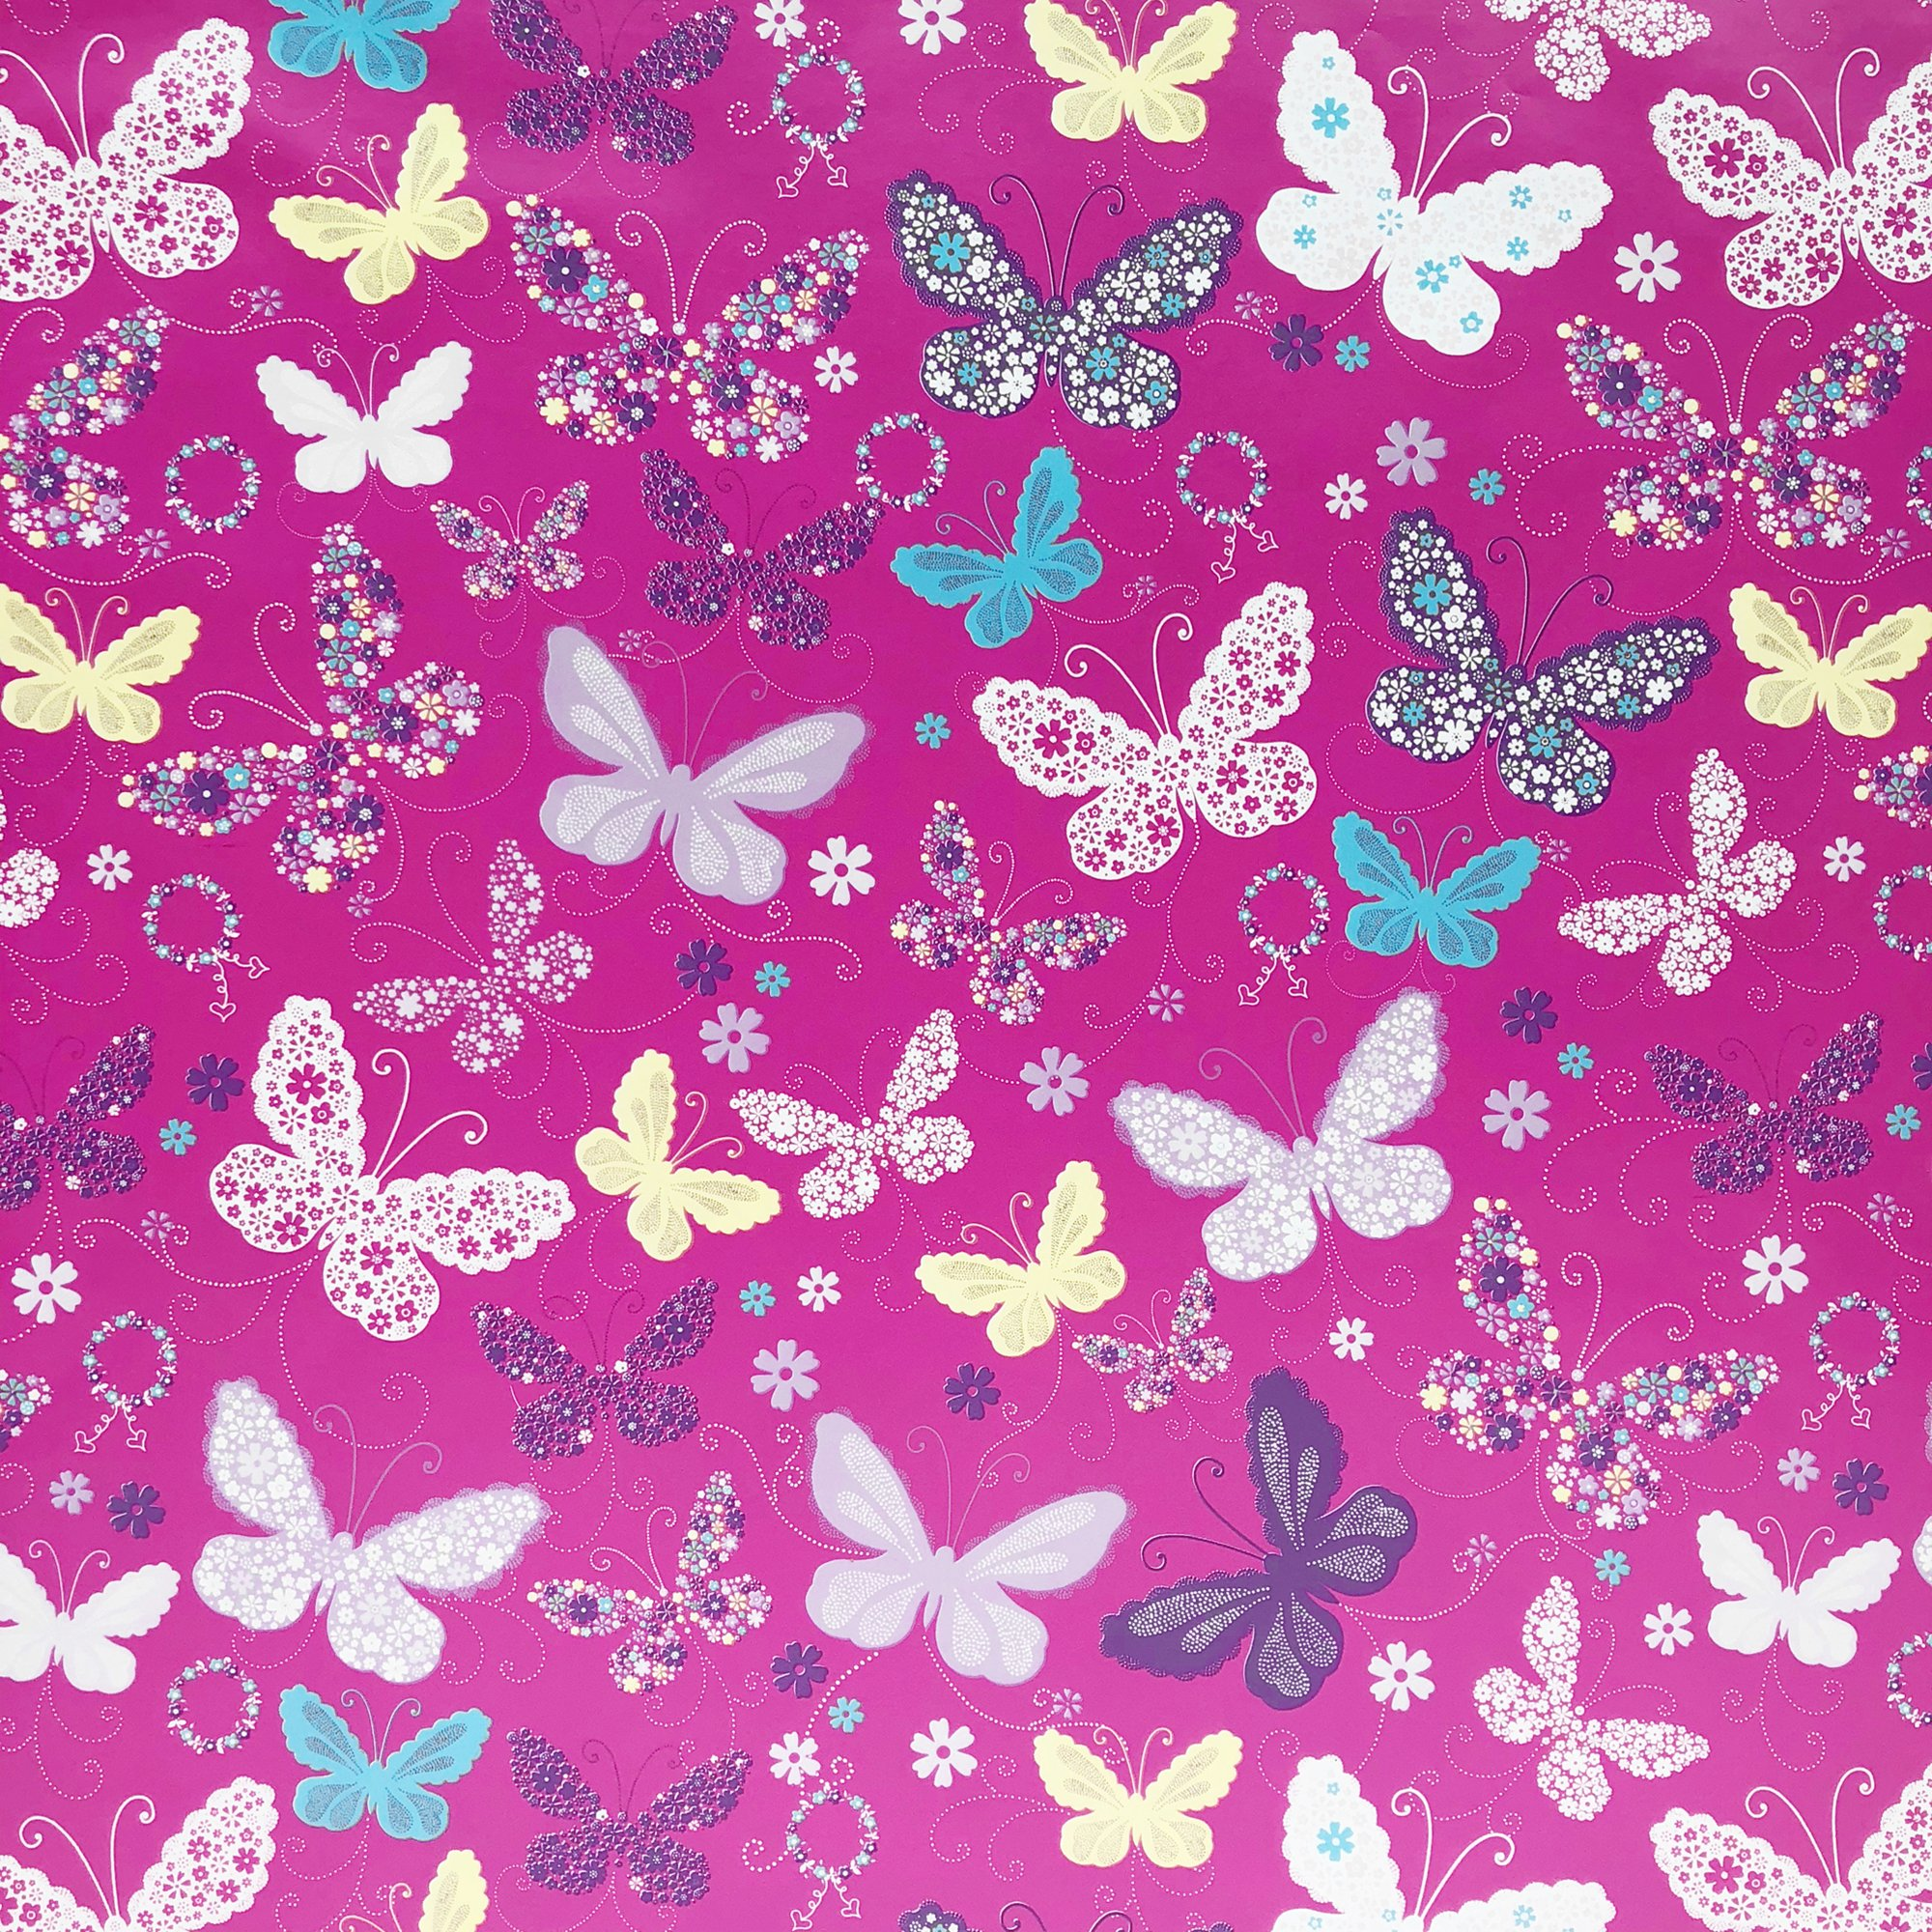 """Jillson & Roberts Gift Wrap, Butterfly Pink, 5' x 30"""" Rolls (8 Pcs)"""